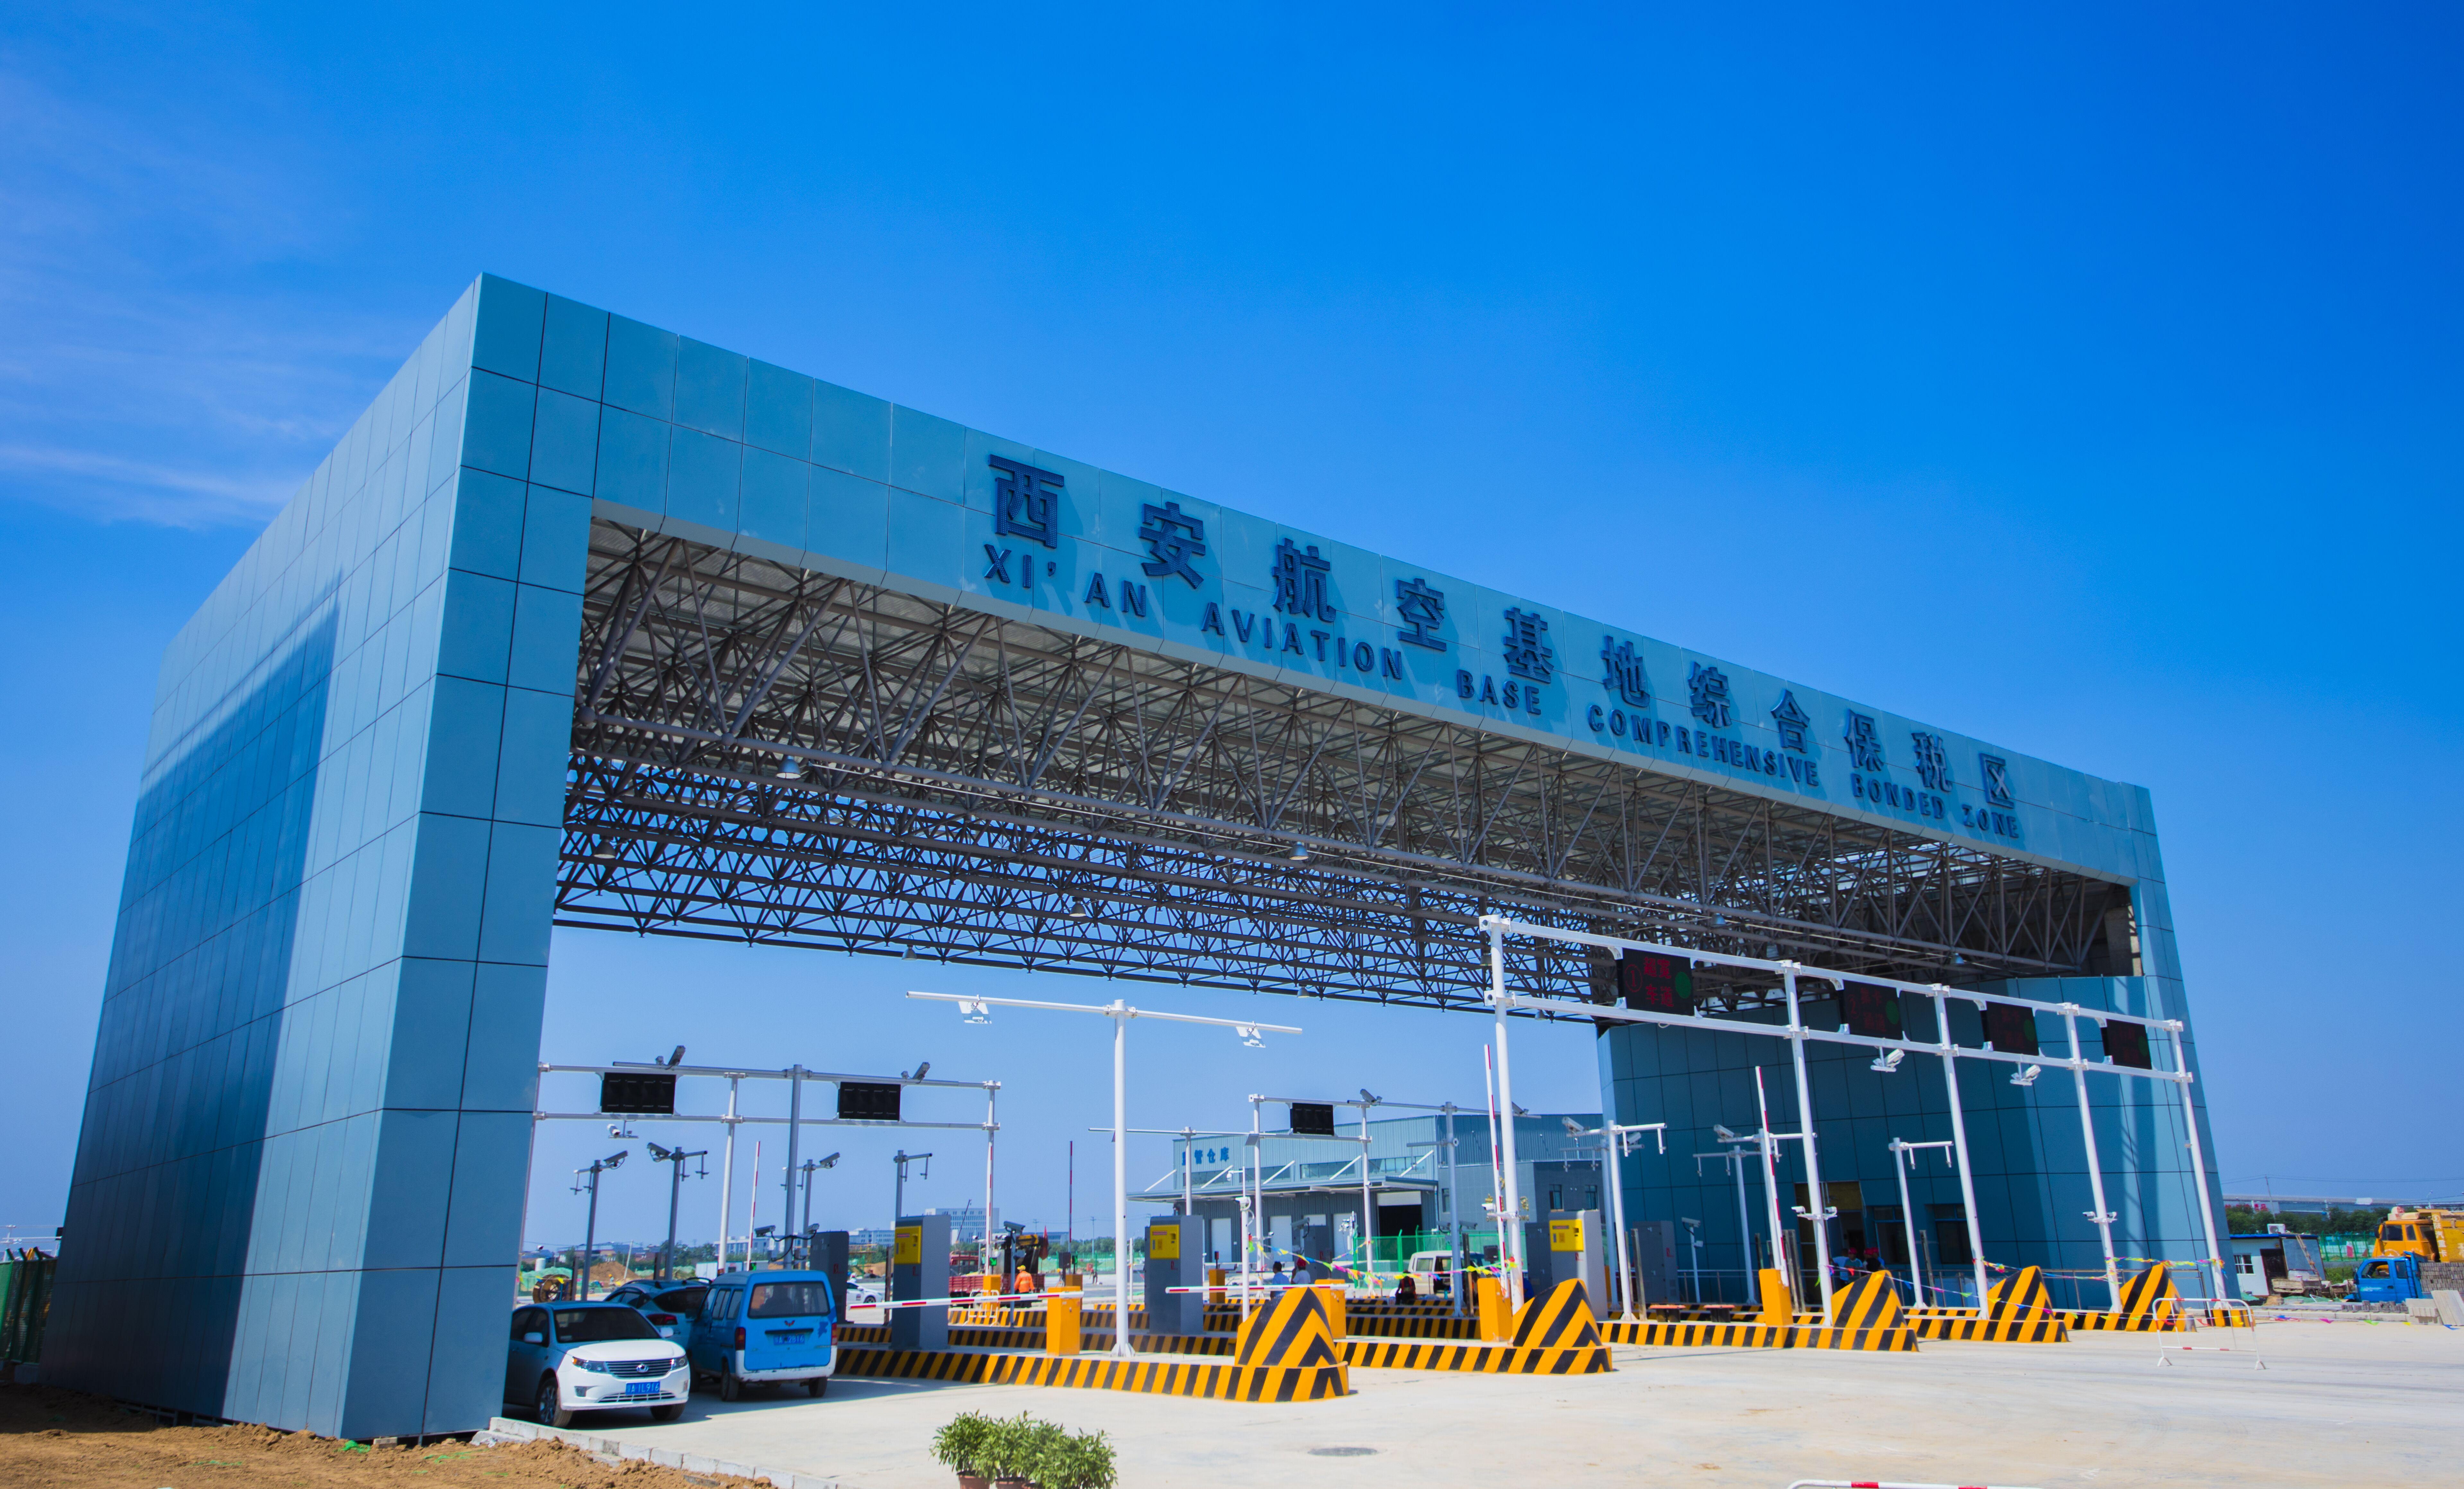 西安航空基地综合保税区